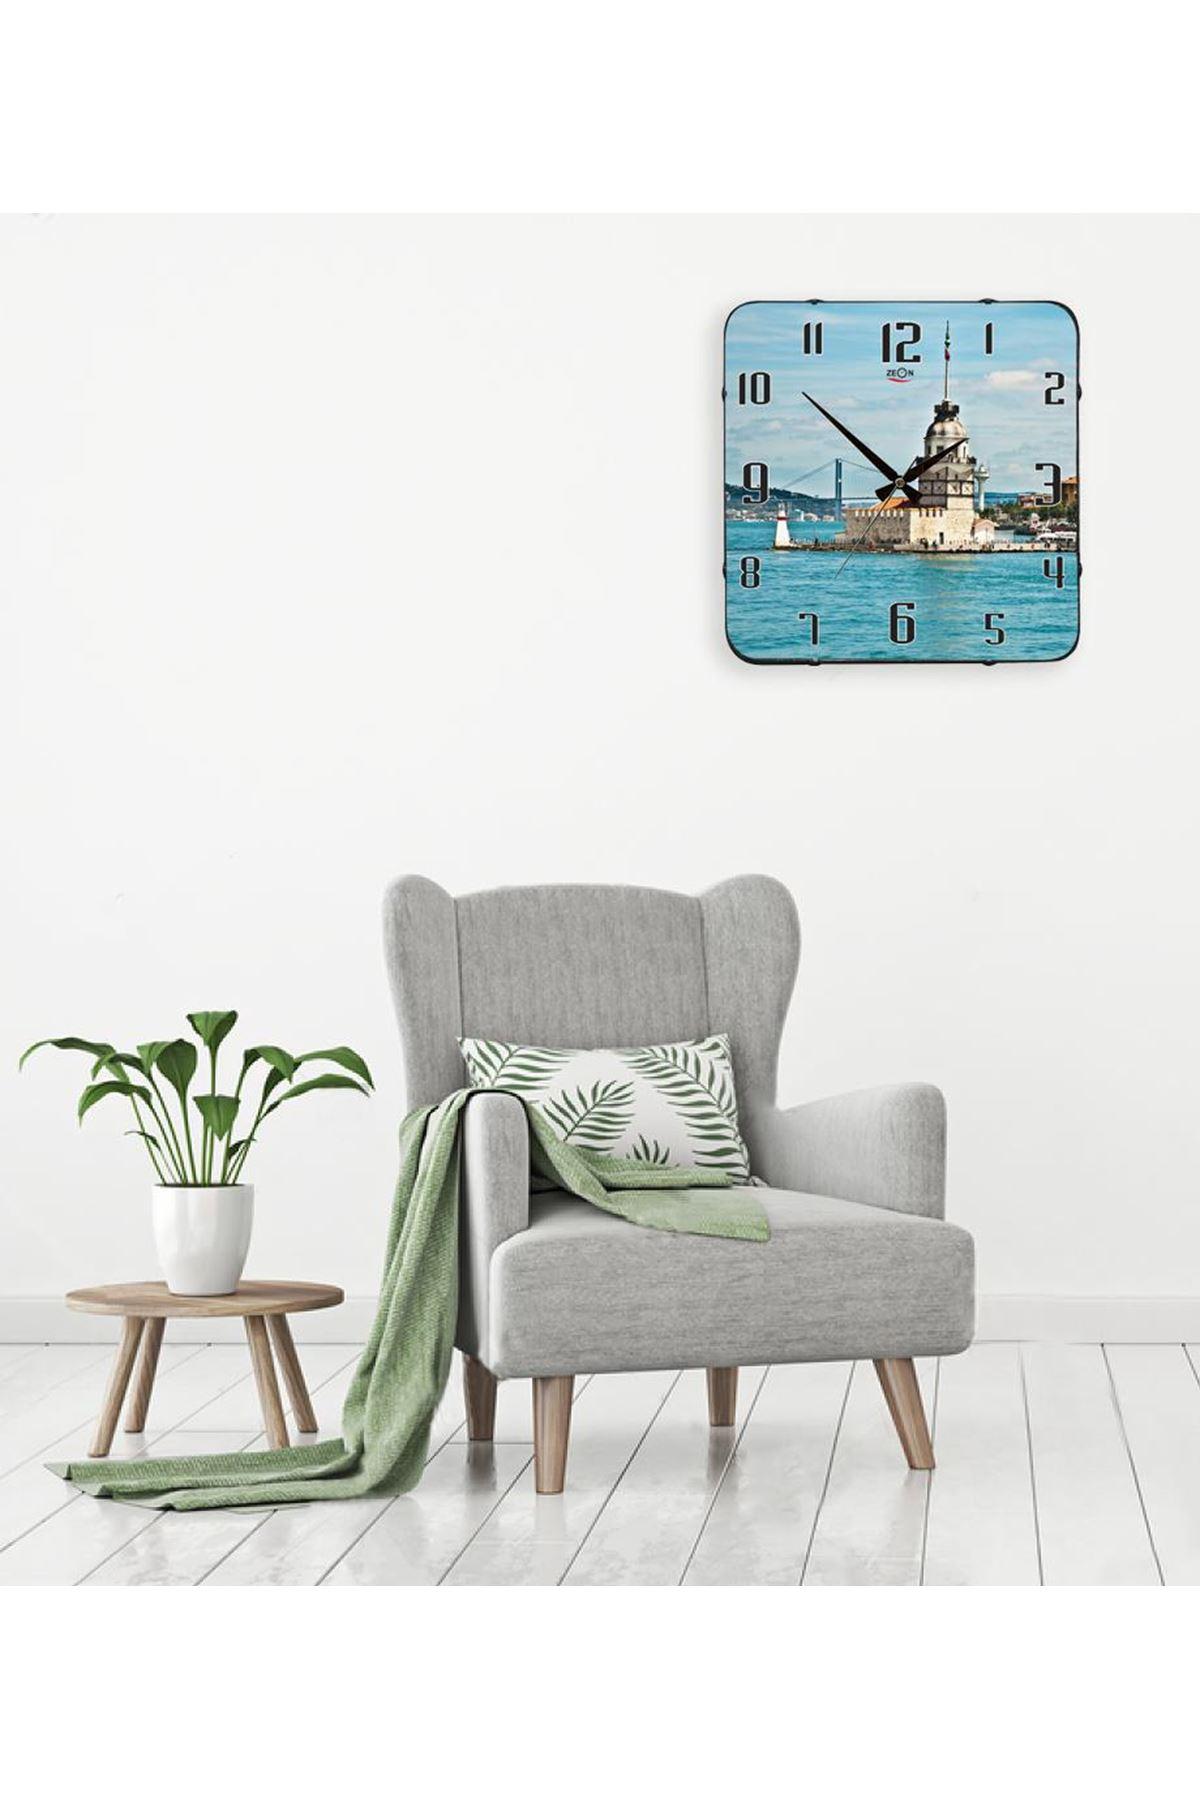 Rikon Kız Kulesi Temalı Dekoratif Bombe Camlı Duvar Saati 35X35 Cm